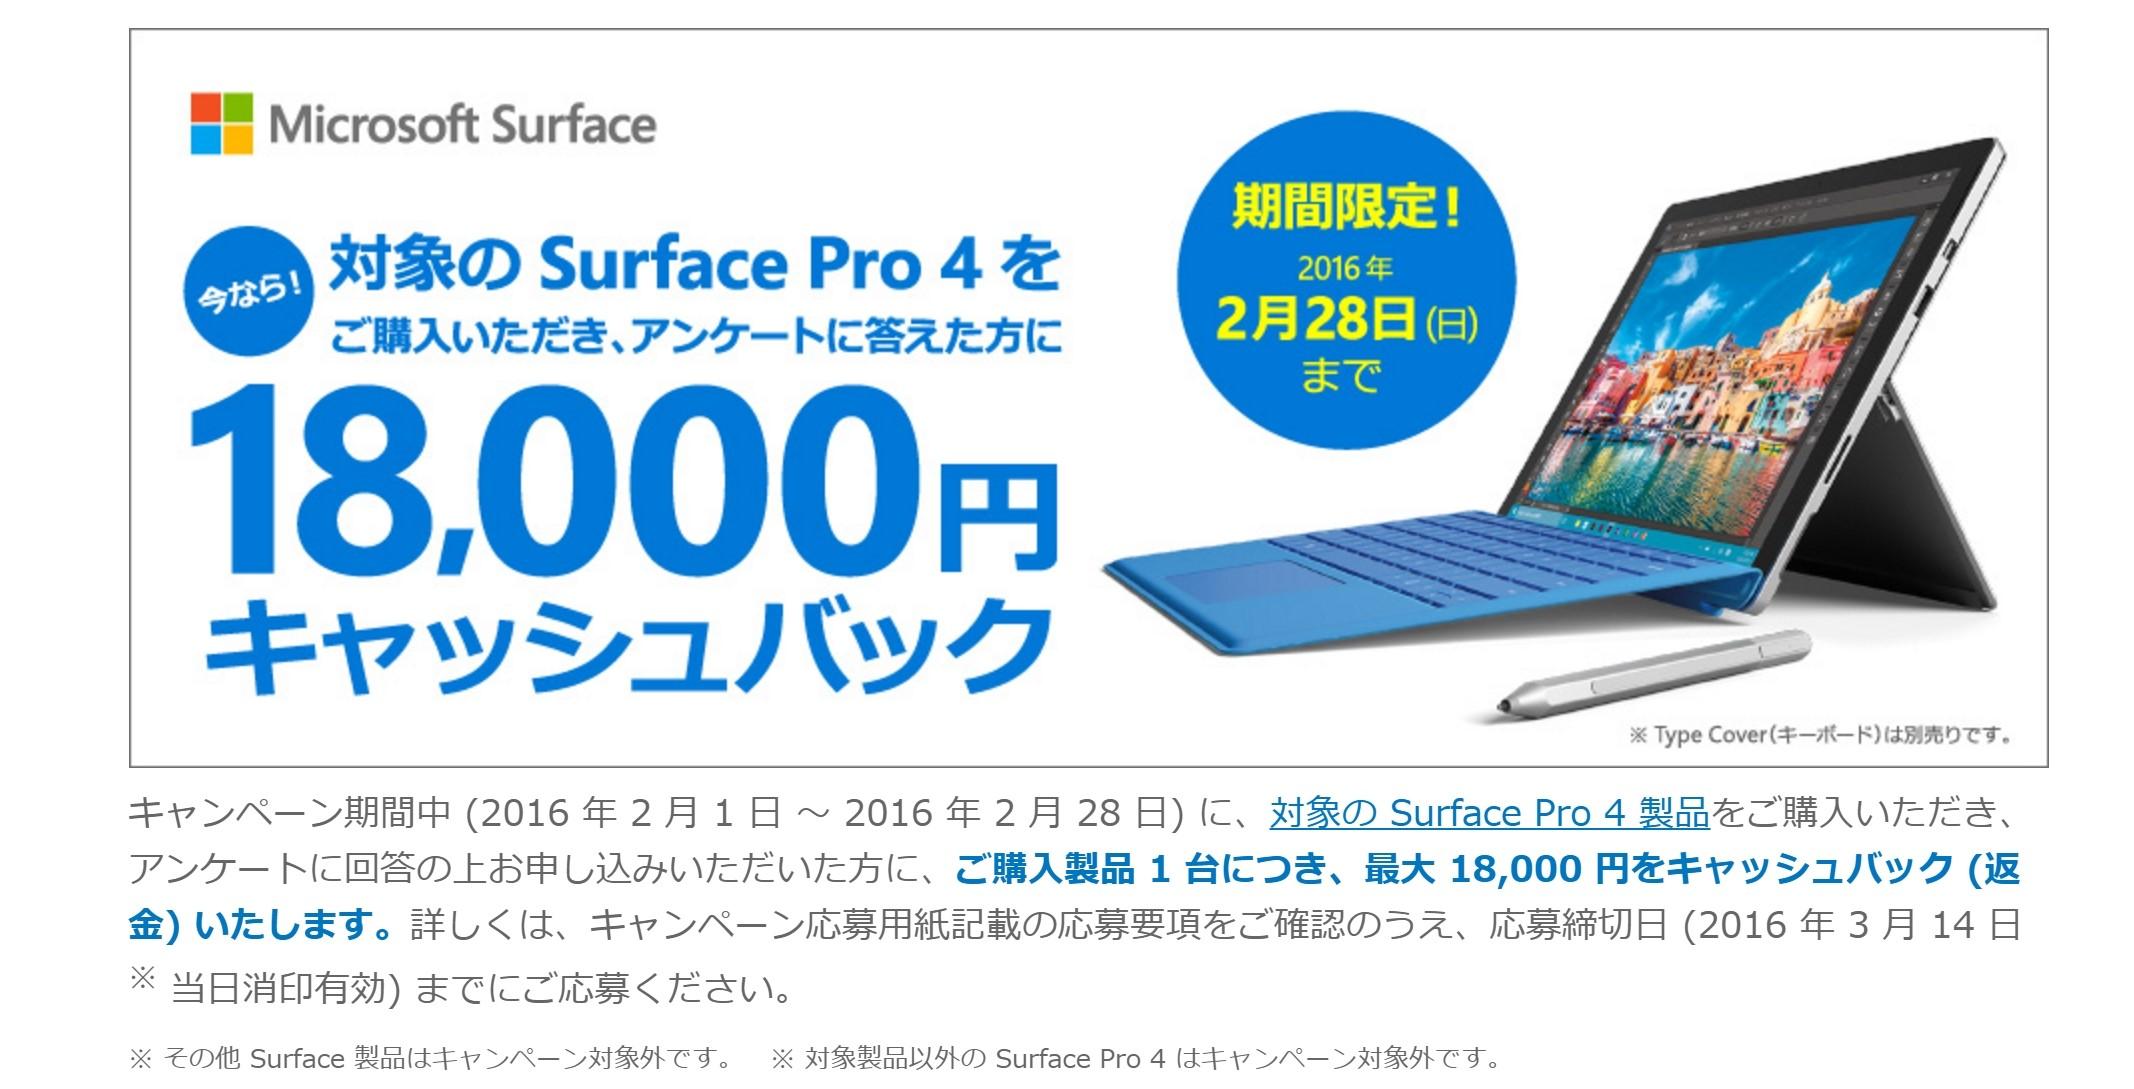 Surface Pro 4 キャッシュバックキャンペーン